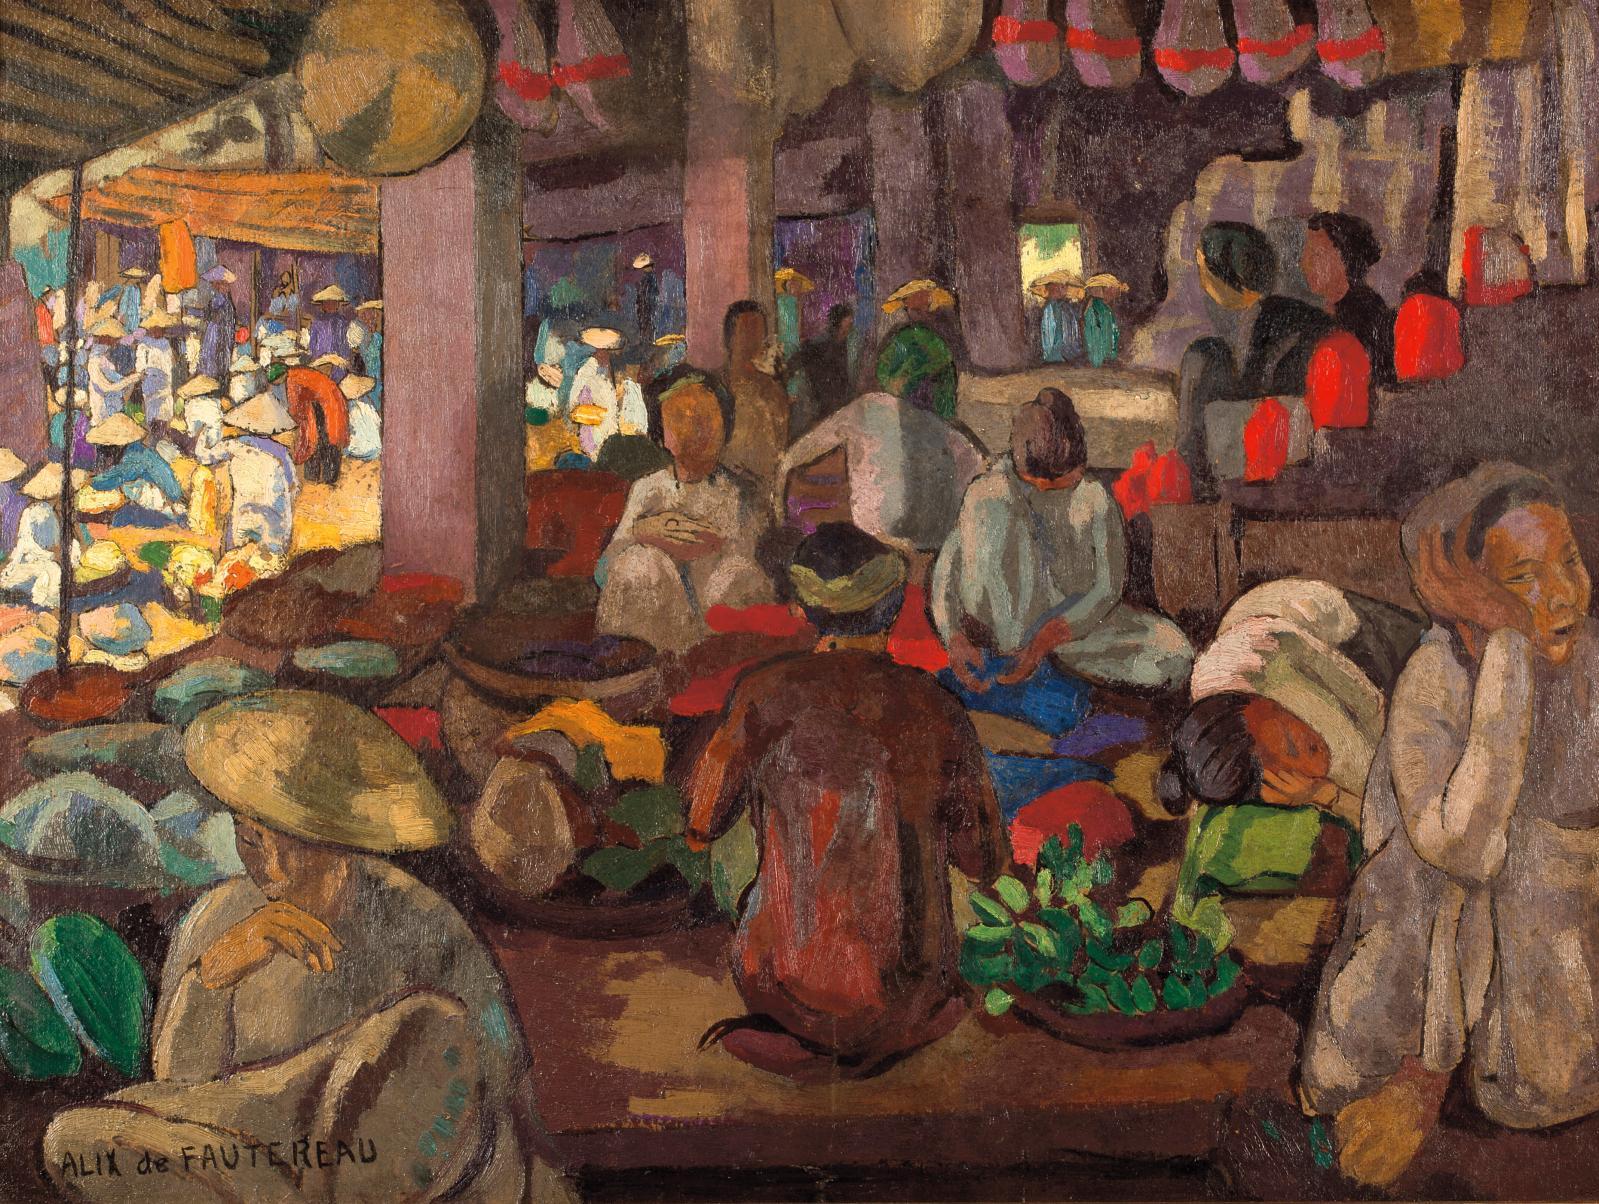 Alix Aymé (1894-1989) sera représentée par sept œuvres évoquant son amour de l'Indochine. Des portraits de femmes et d'enfants, et cette S